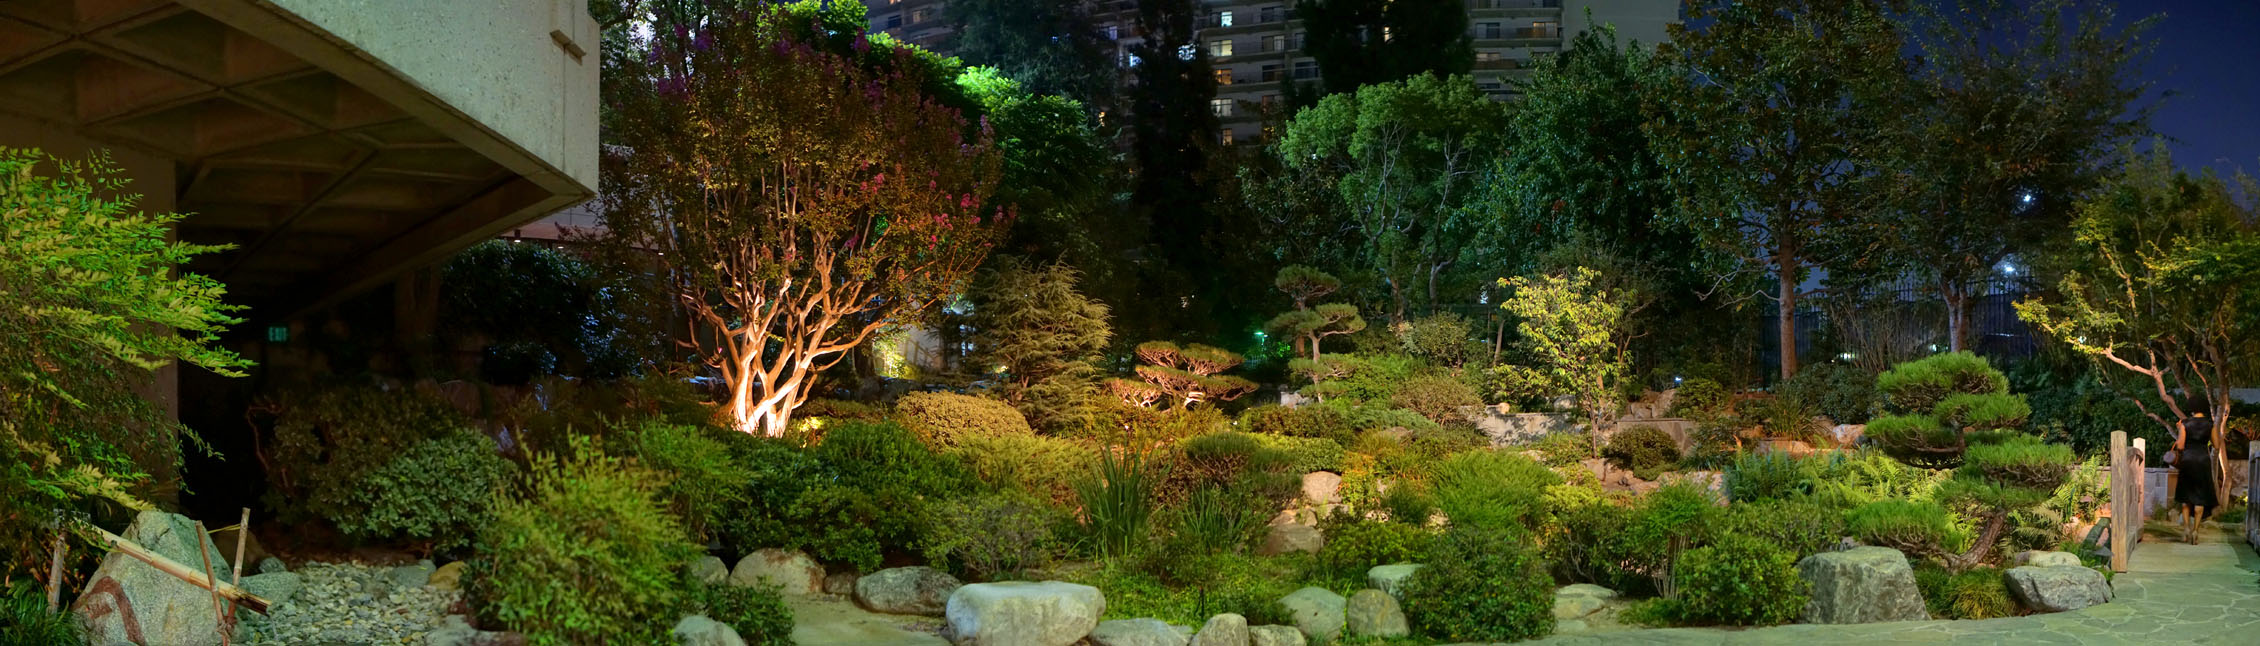 James Irvine Japanese Garden